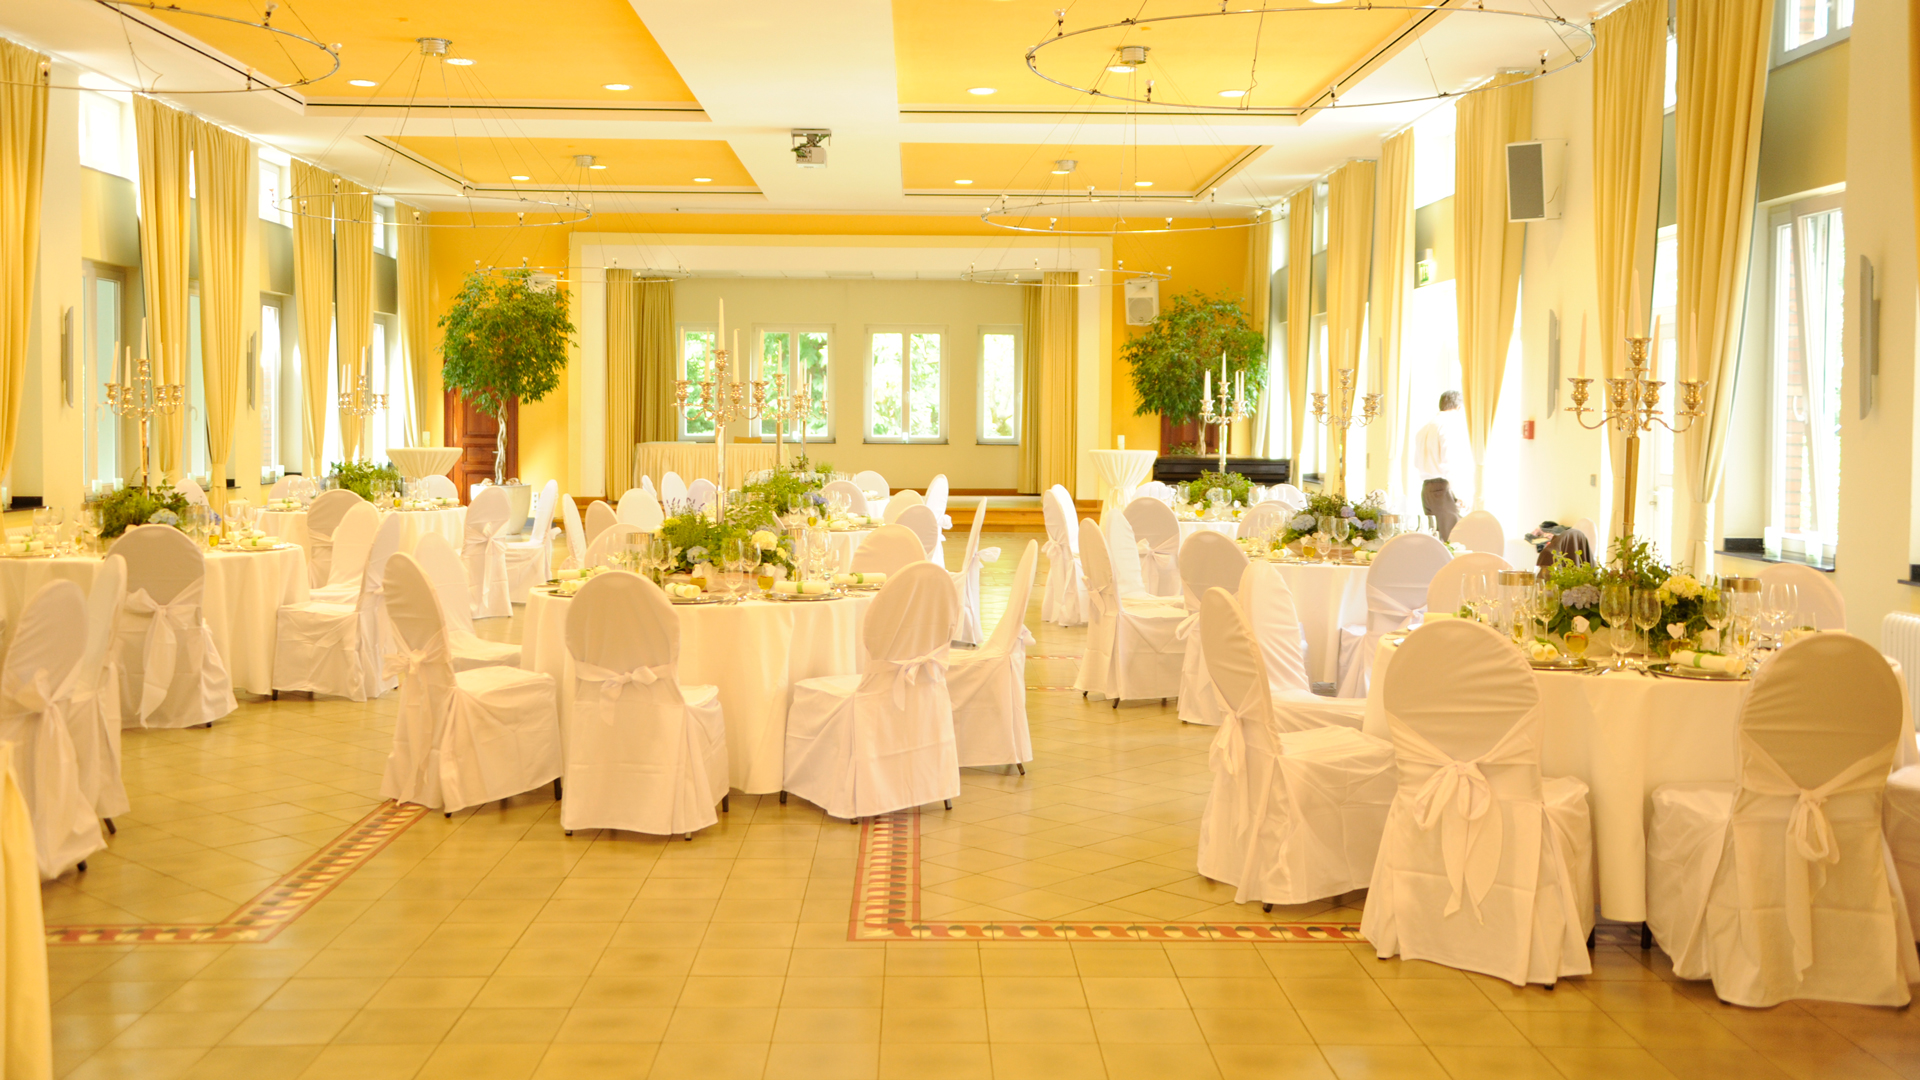 Hotel Mutterhaus Dusseldorf Hochzeit Fiylo